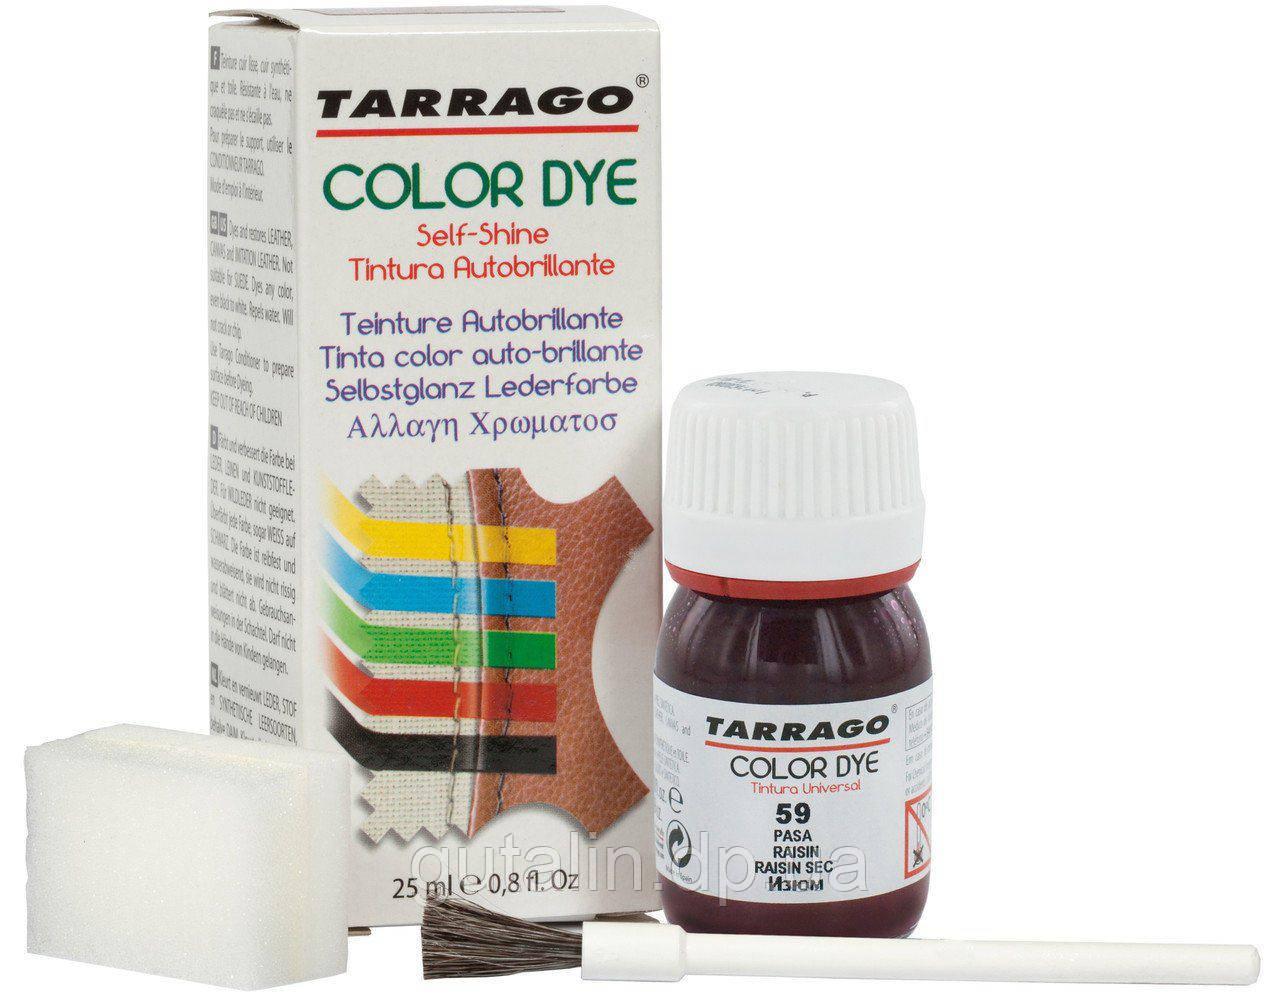 Краситель для гладкой кожи и текстиля Tarrago Color Dye 25 мл цвет темно-коричневый изюм (59)